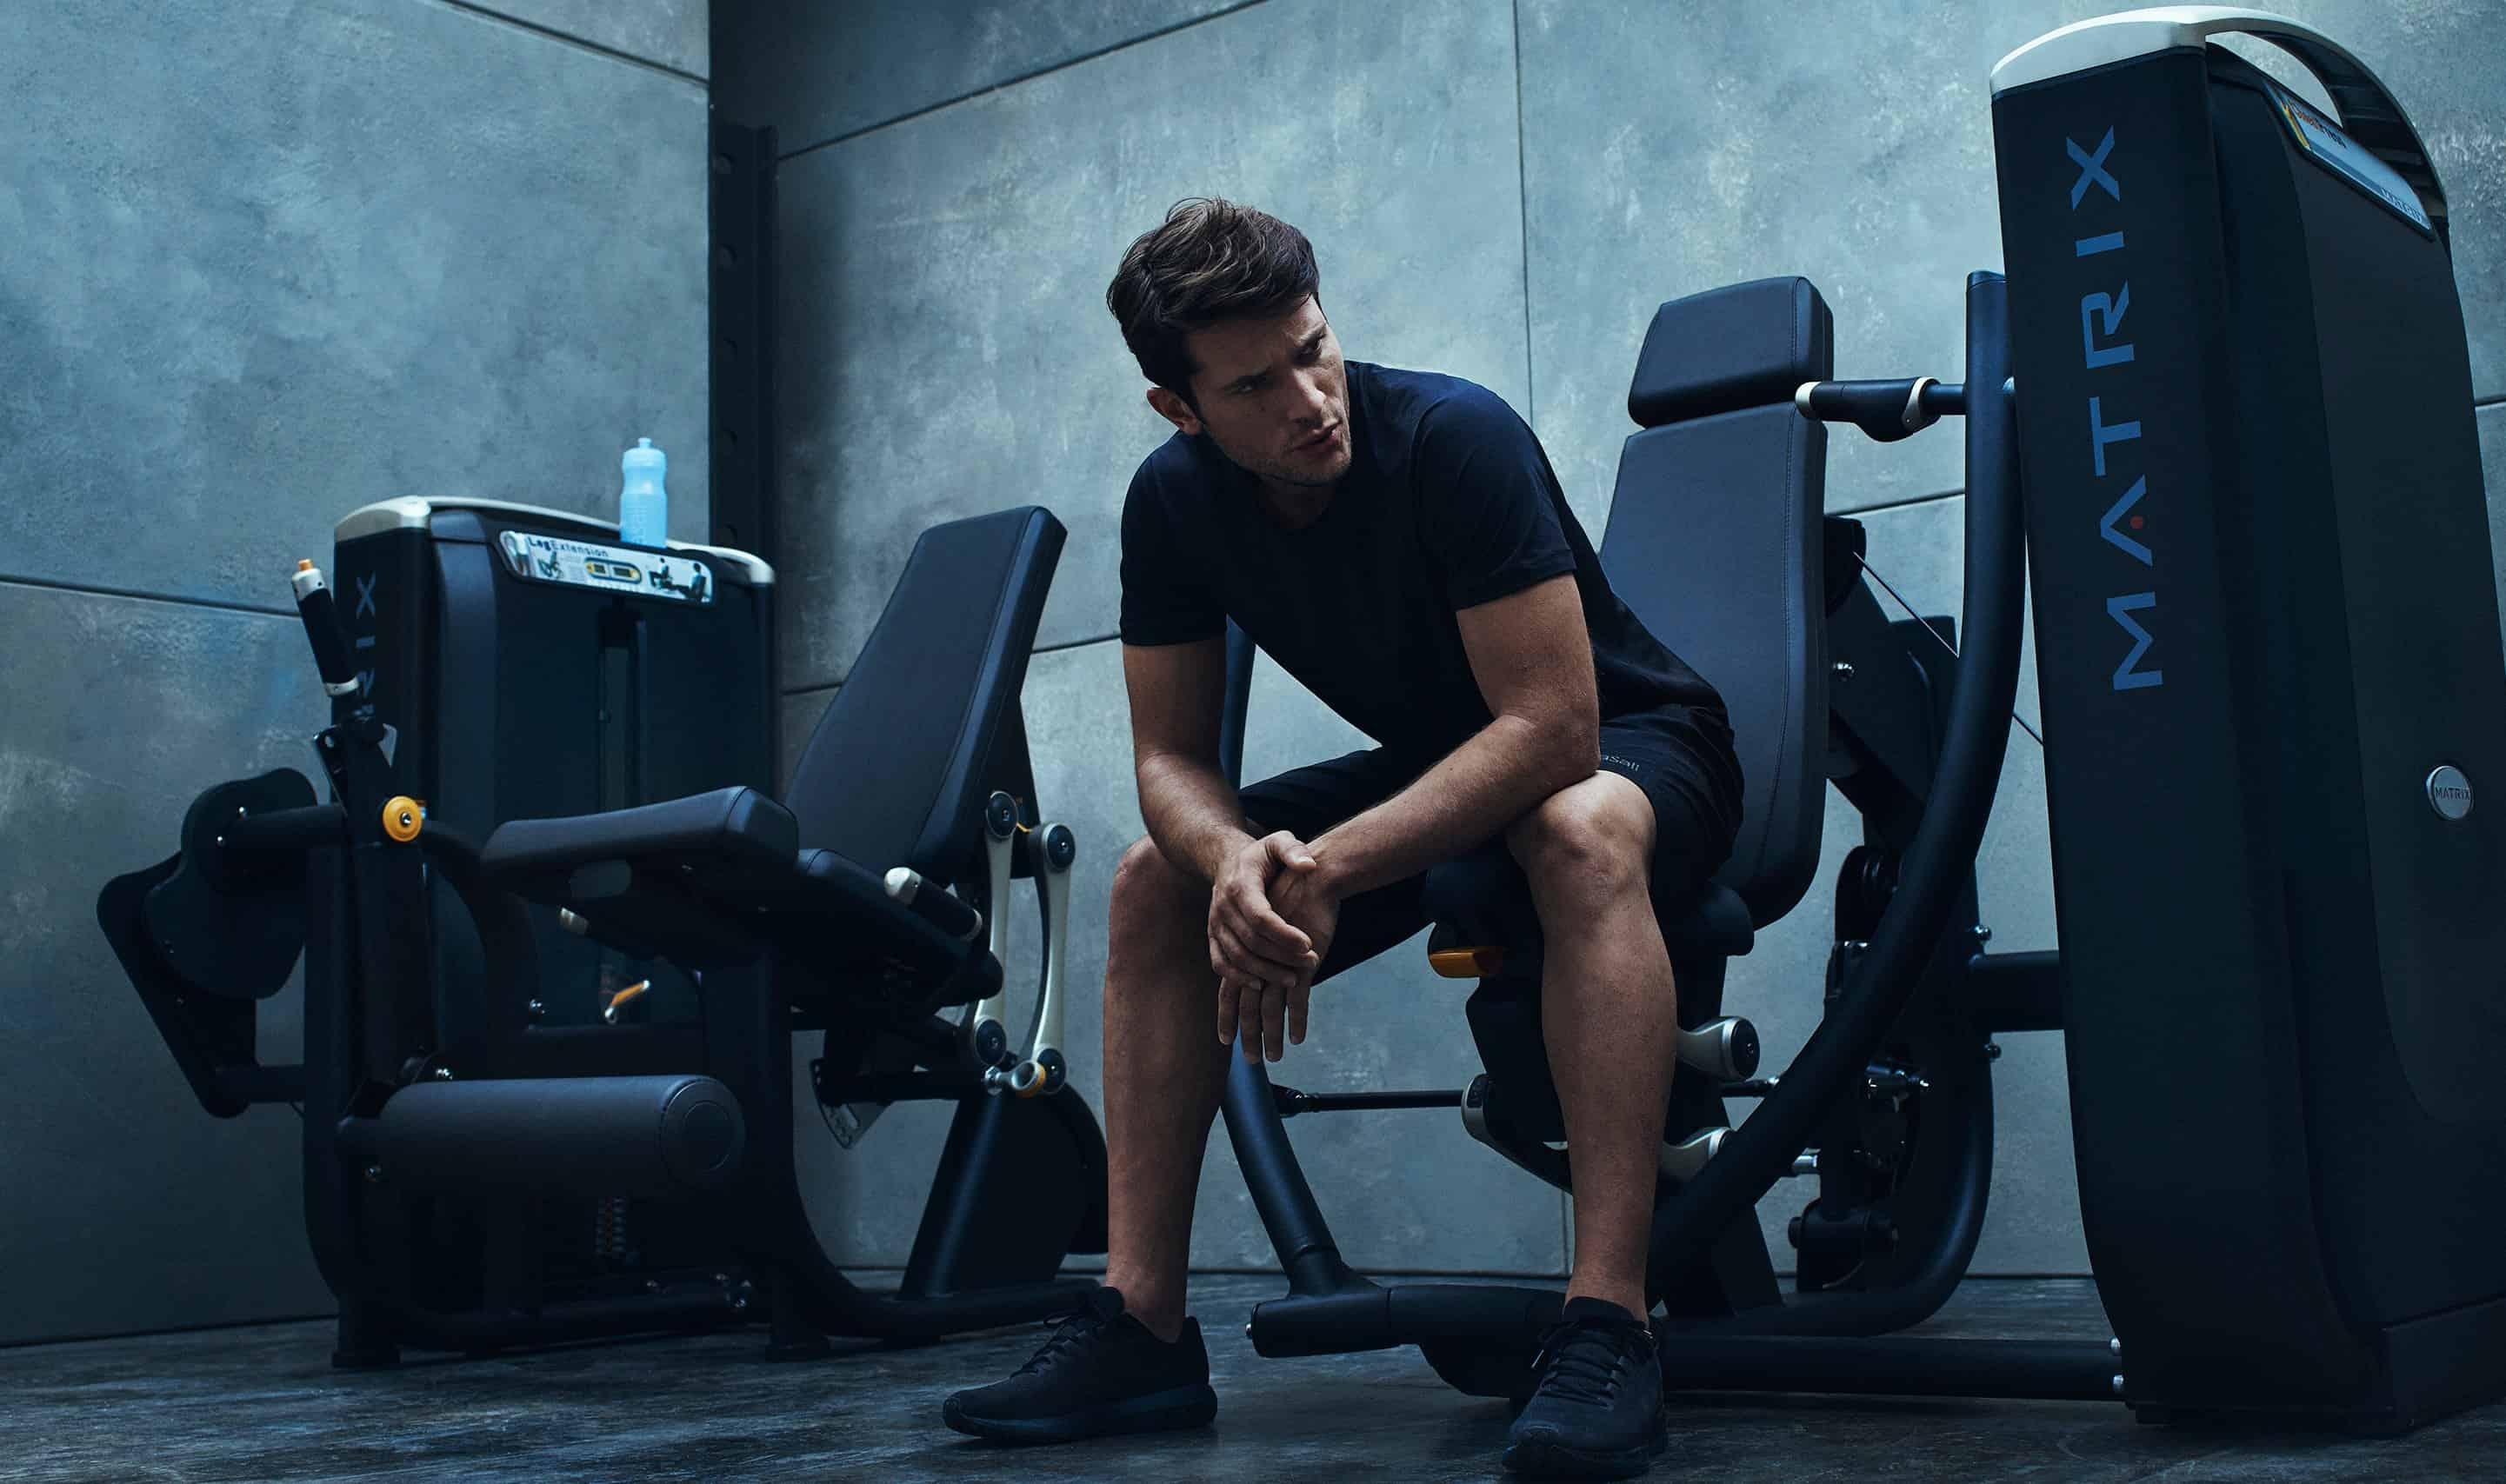 treningsutstyr gymustyr treningsapparater treningsmaskiner casall pro casall professional matrix fitness